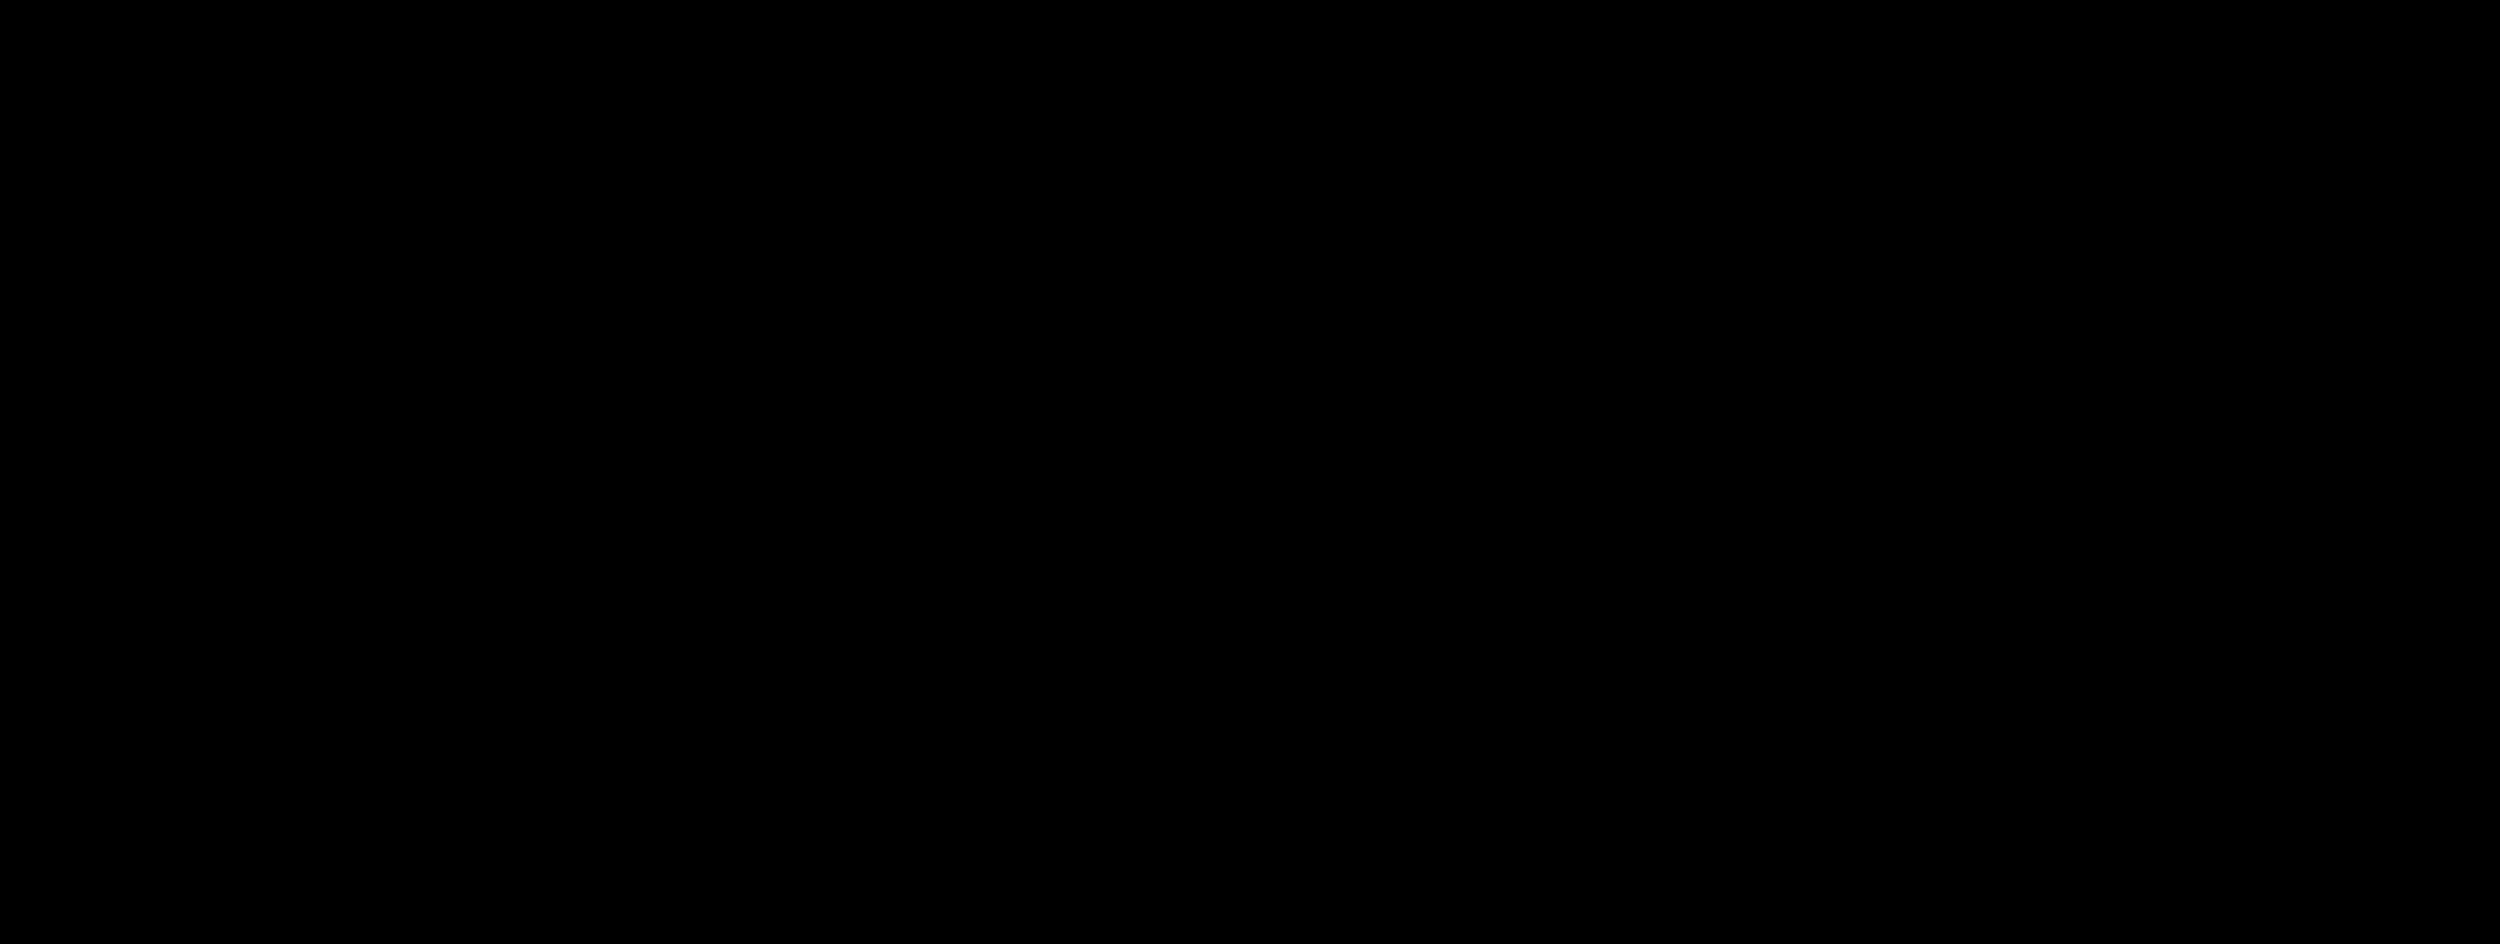 rotombo logo black